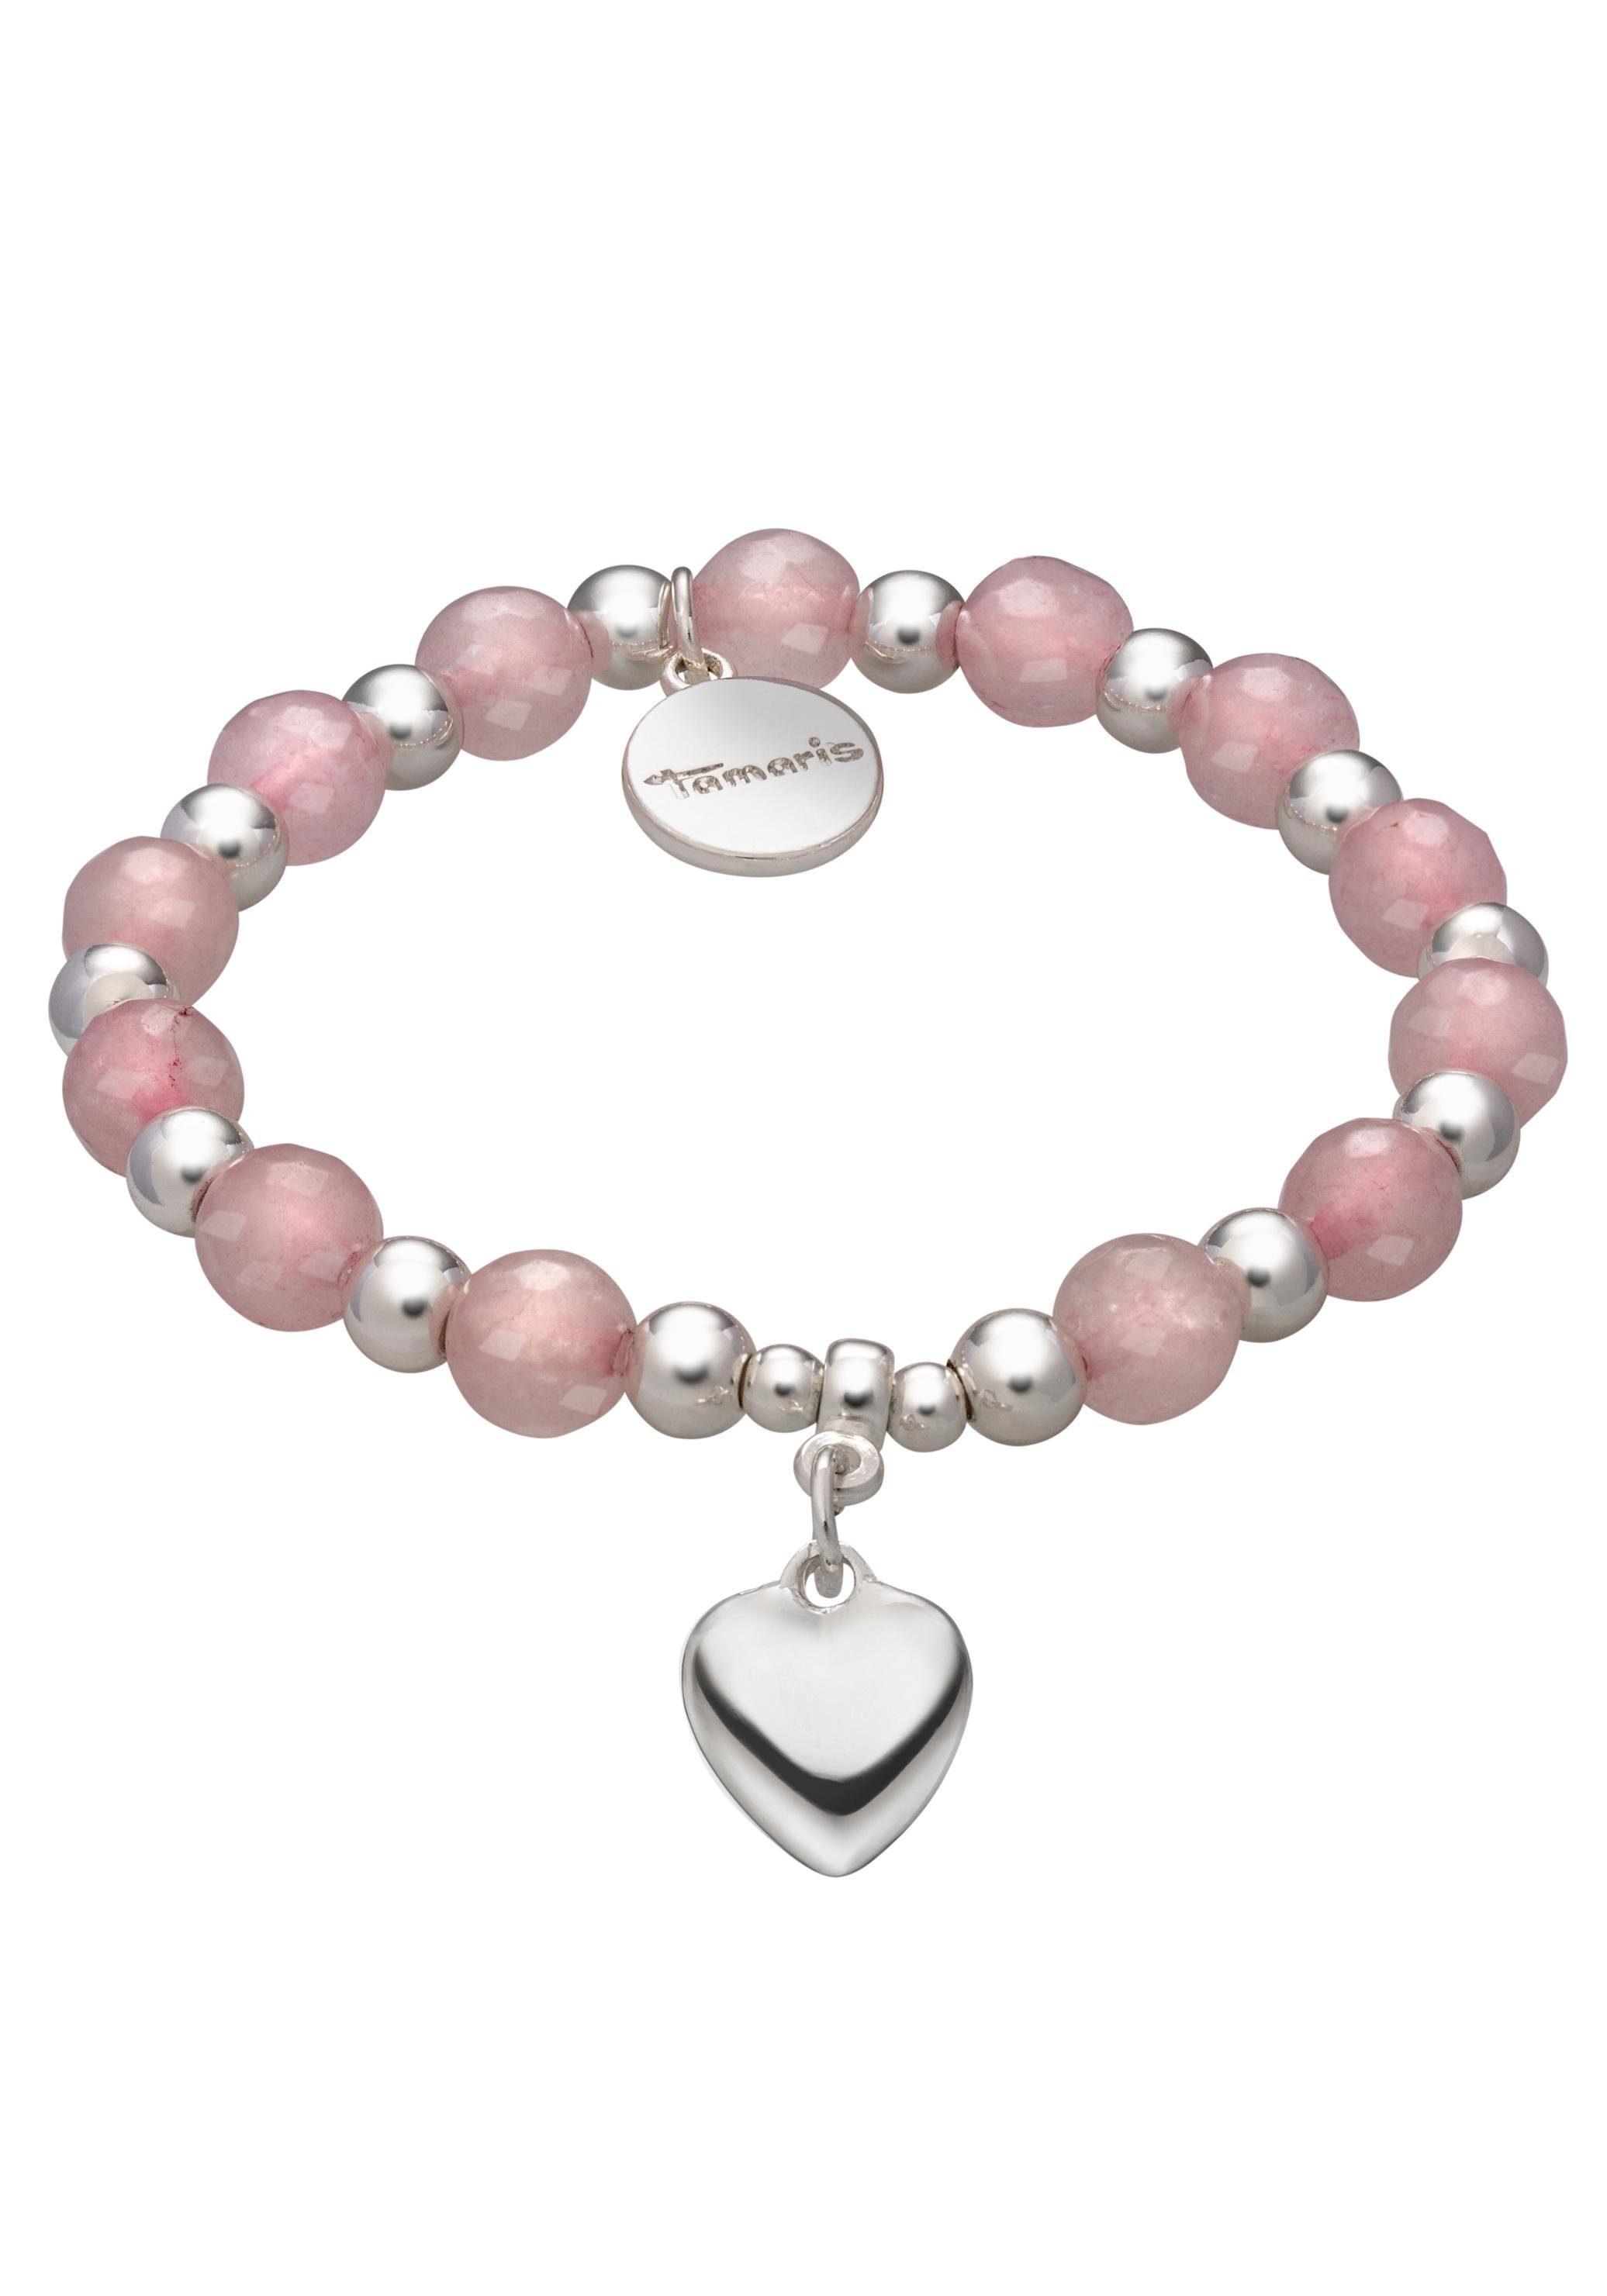 Tamaris Armband »Herz Kyra, TF026«, mit Glassteinen online kaufen | OTTO